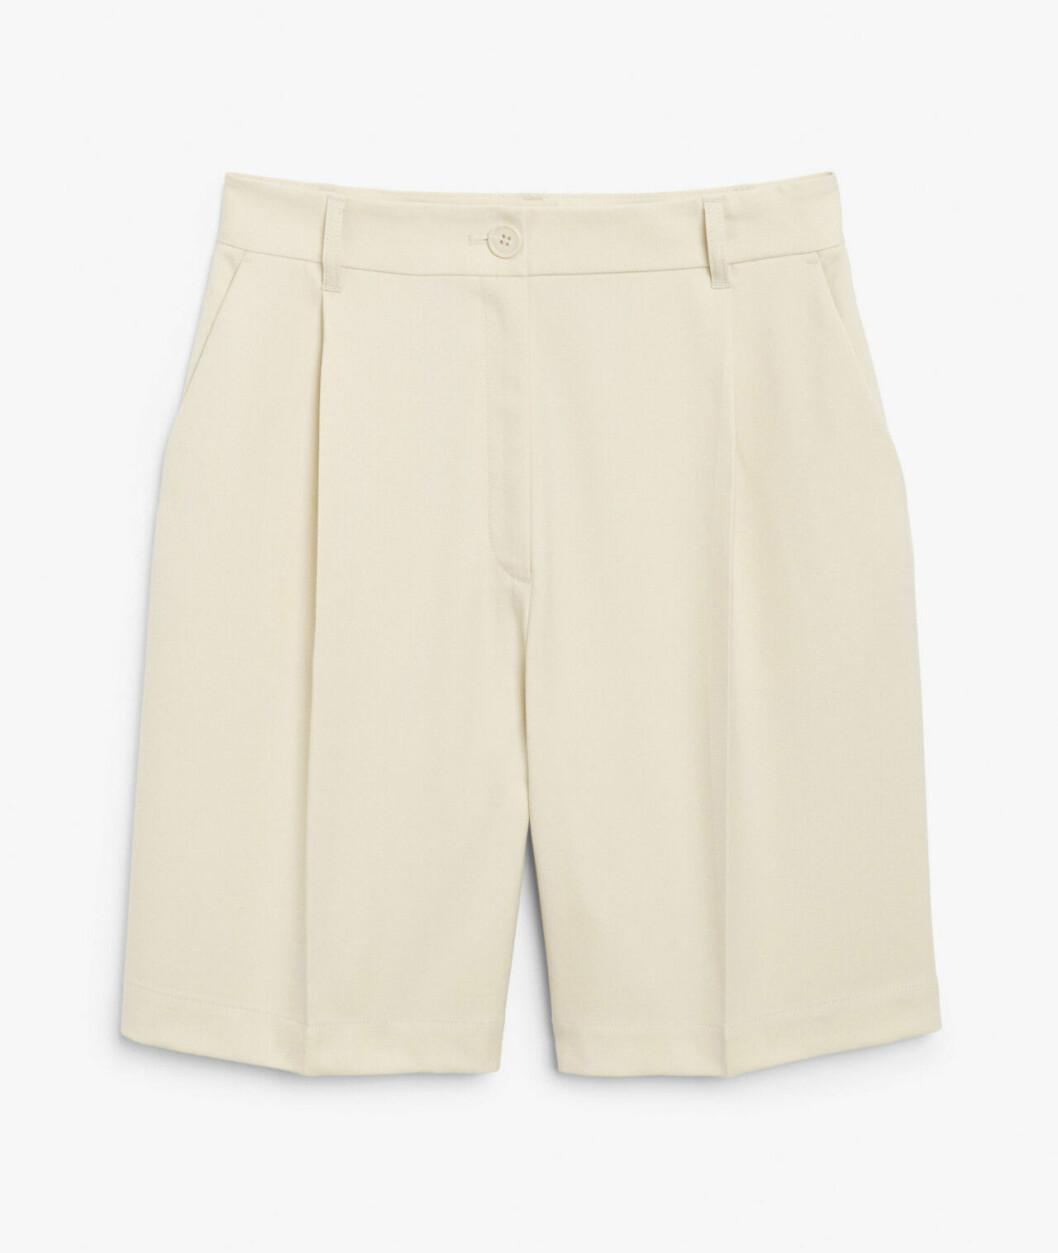 Ljusa dressade shorts för dam till 2020